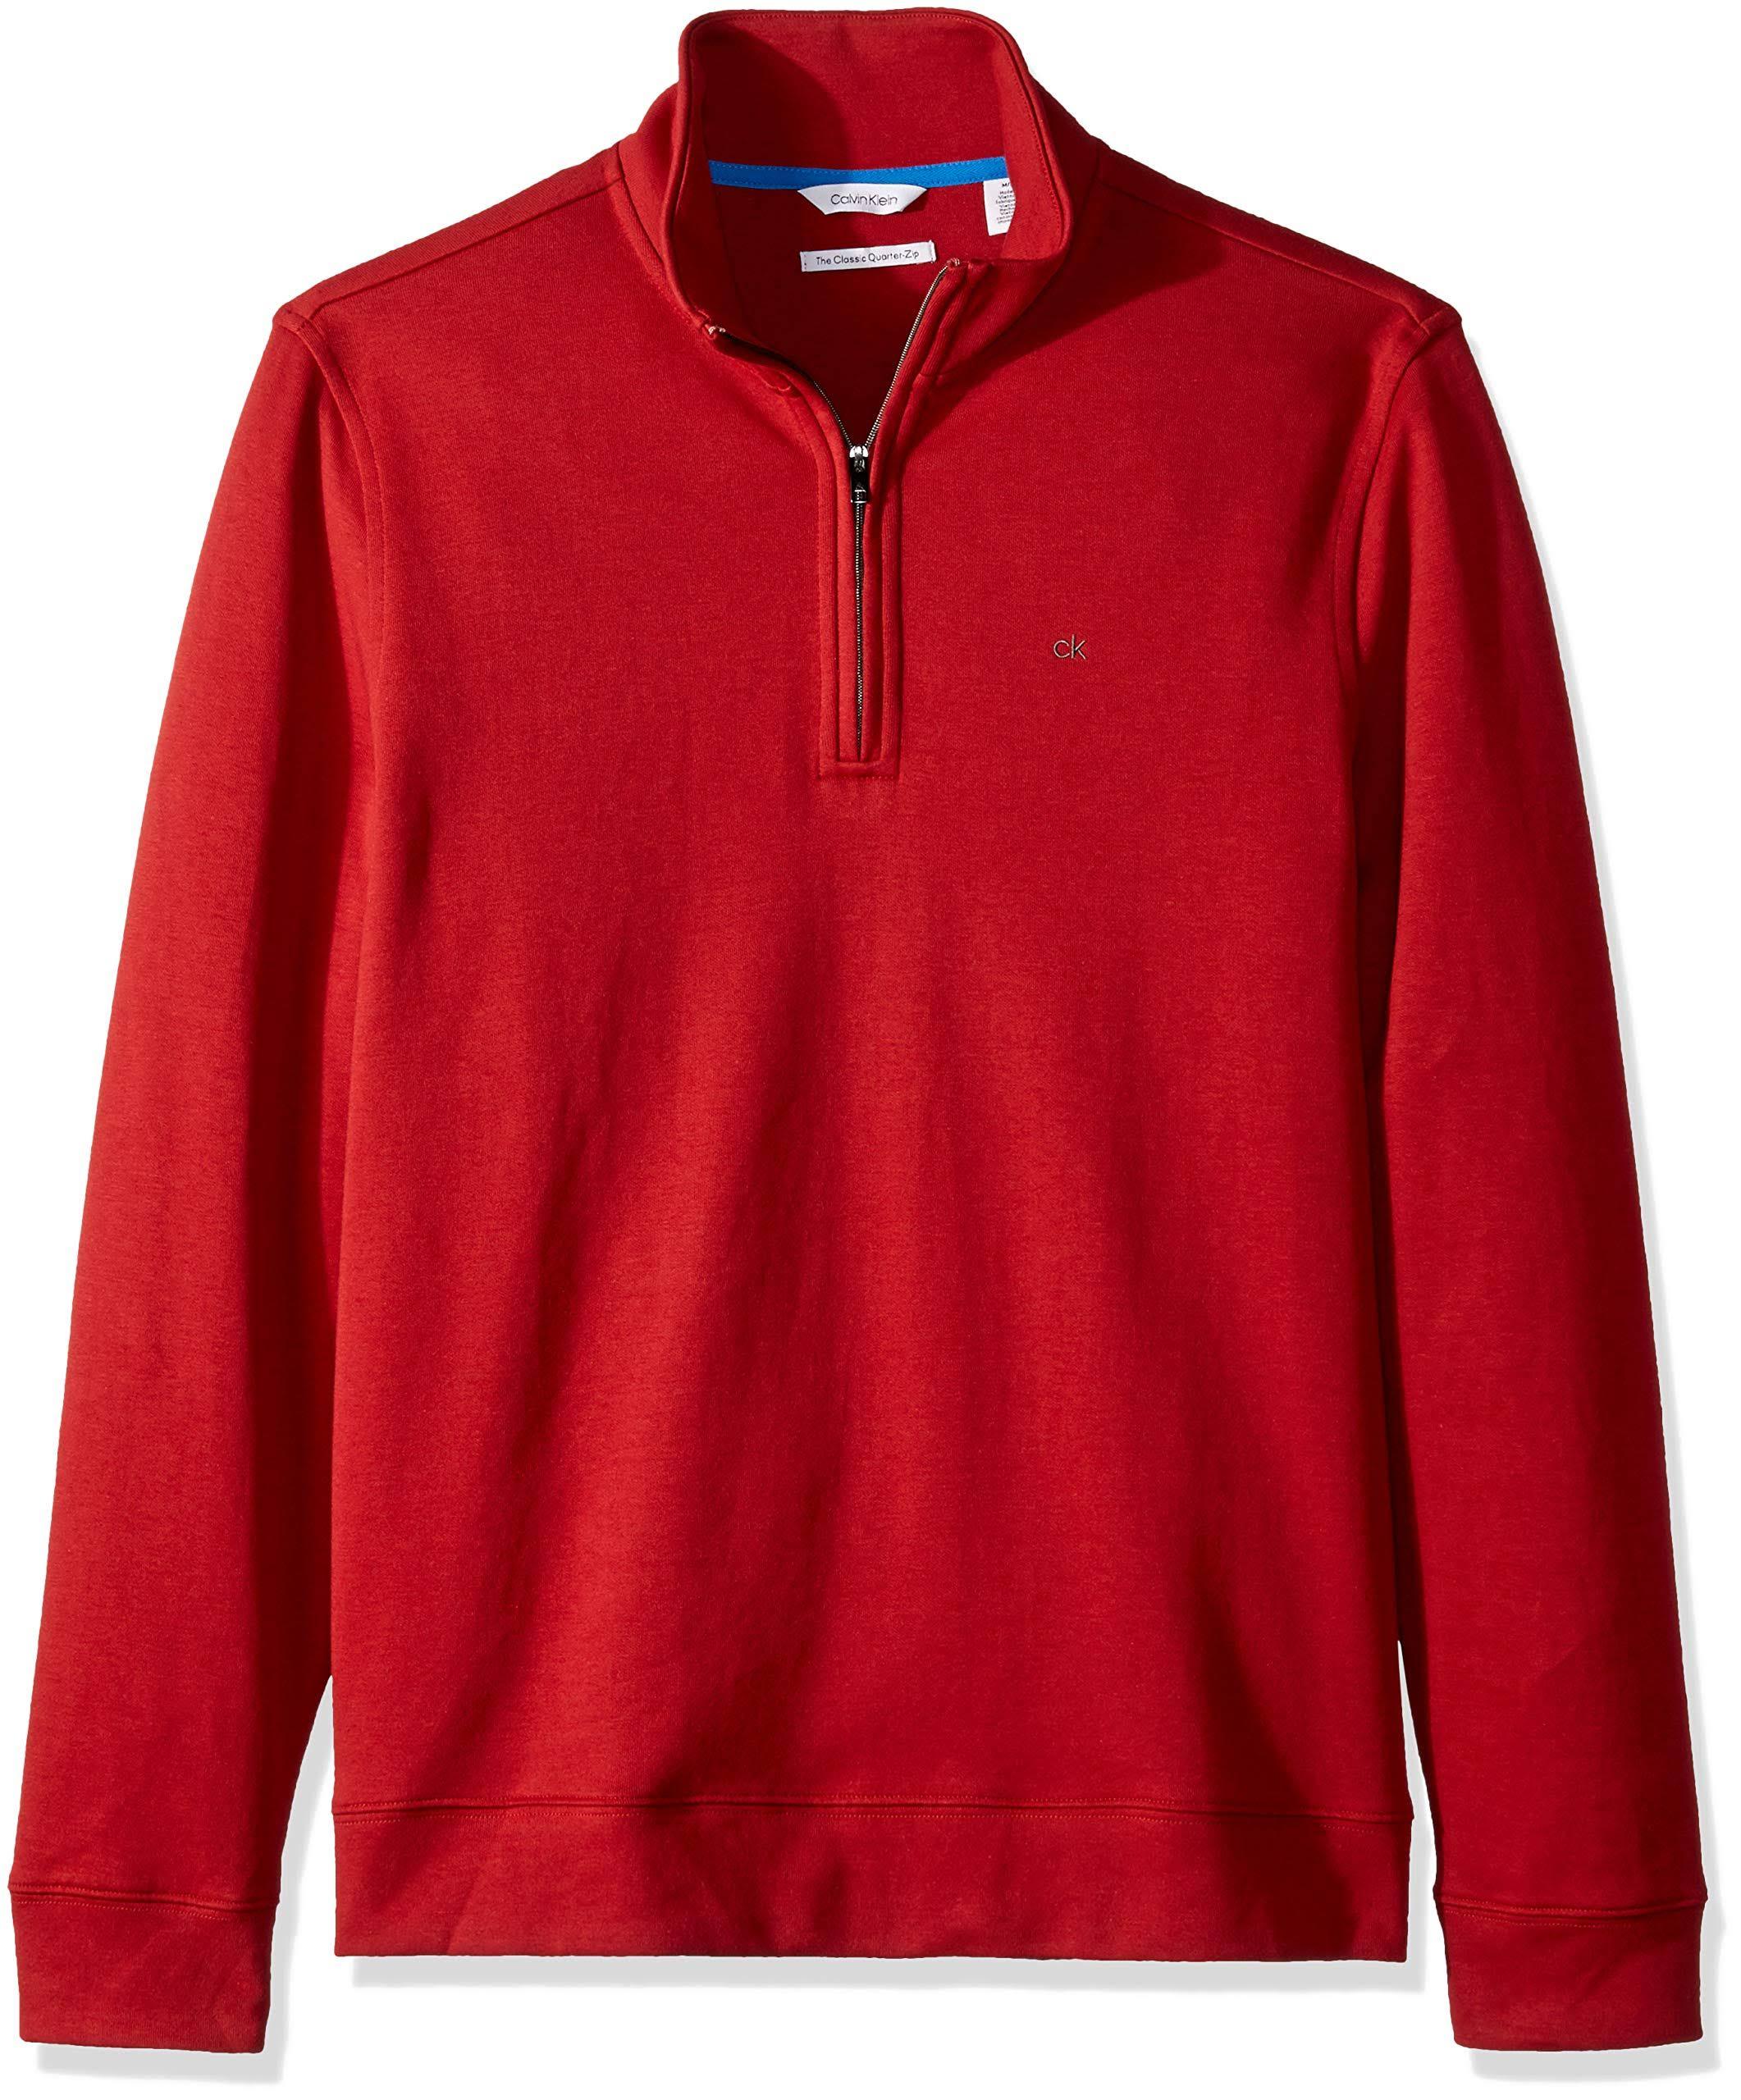 Calvin Quarter Für Klein Sweater Classic Zip Männer wgUwqar